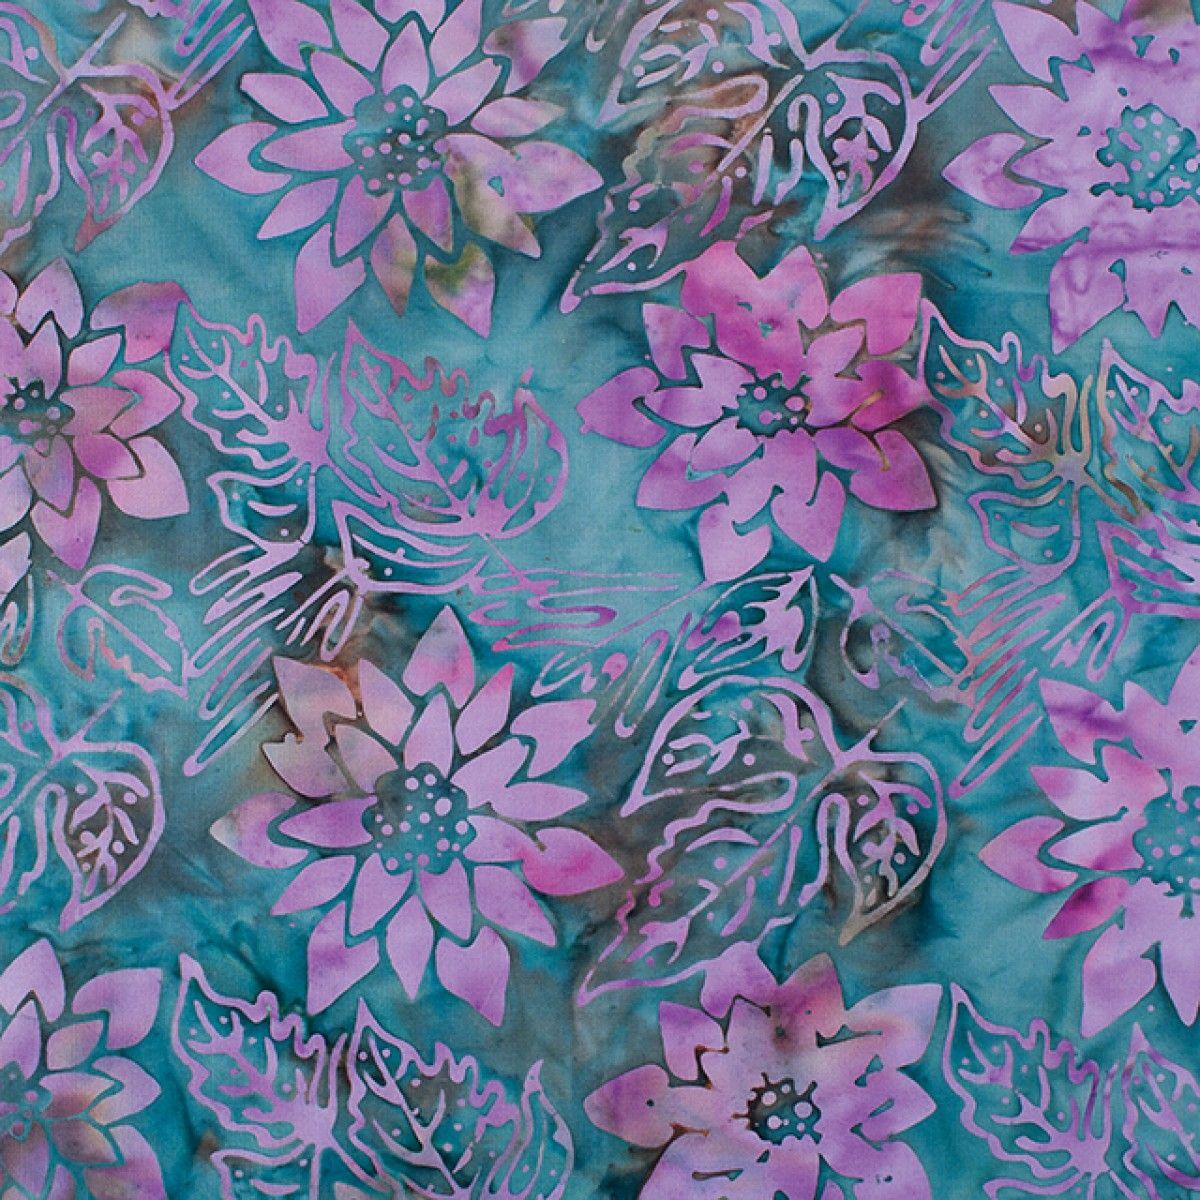 Batik Art, Batik, Batik Fabric